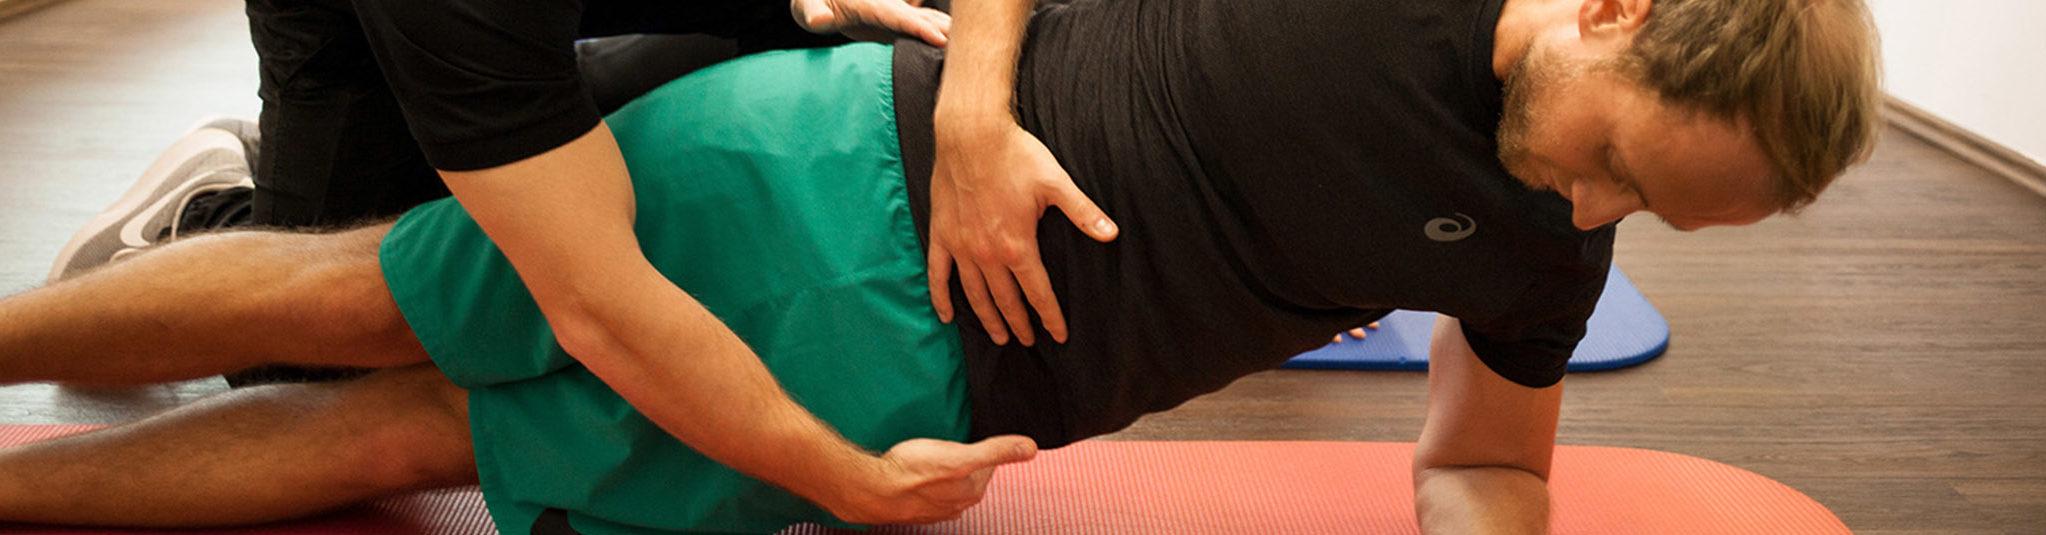 Pilates Unterstützung - Physics Wasserburg am Inn